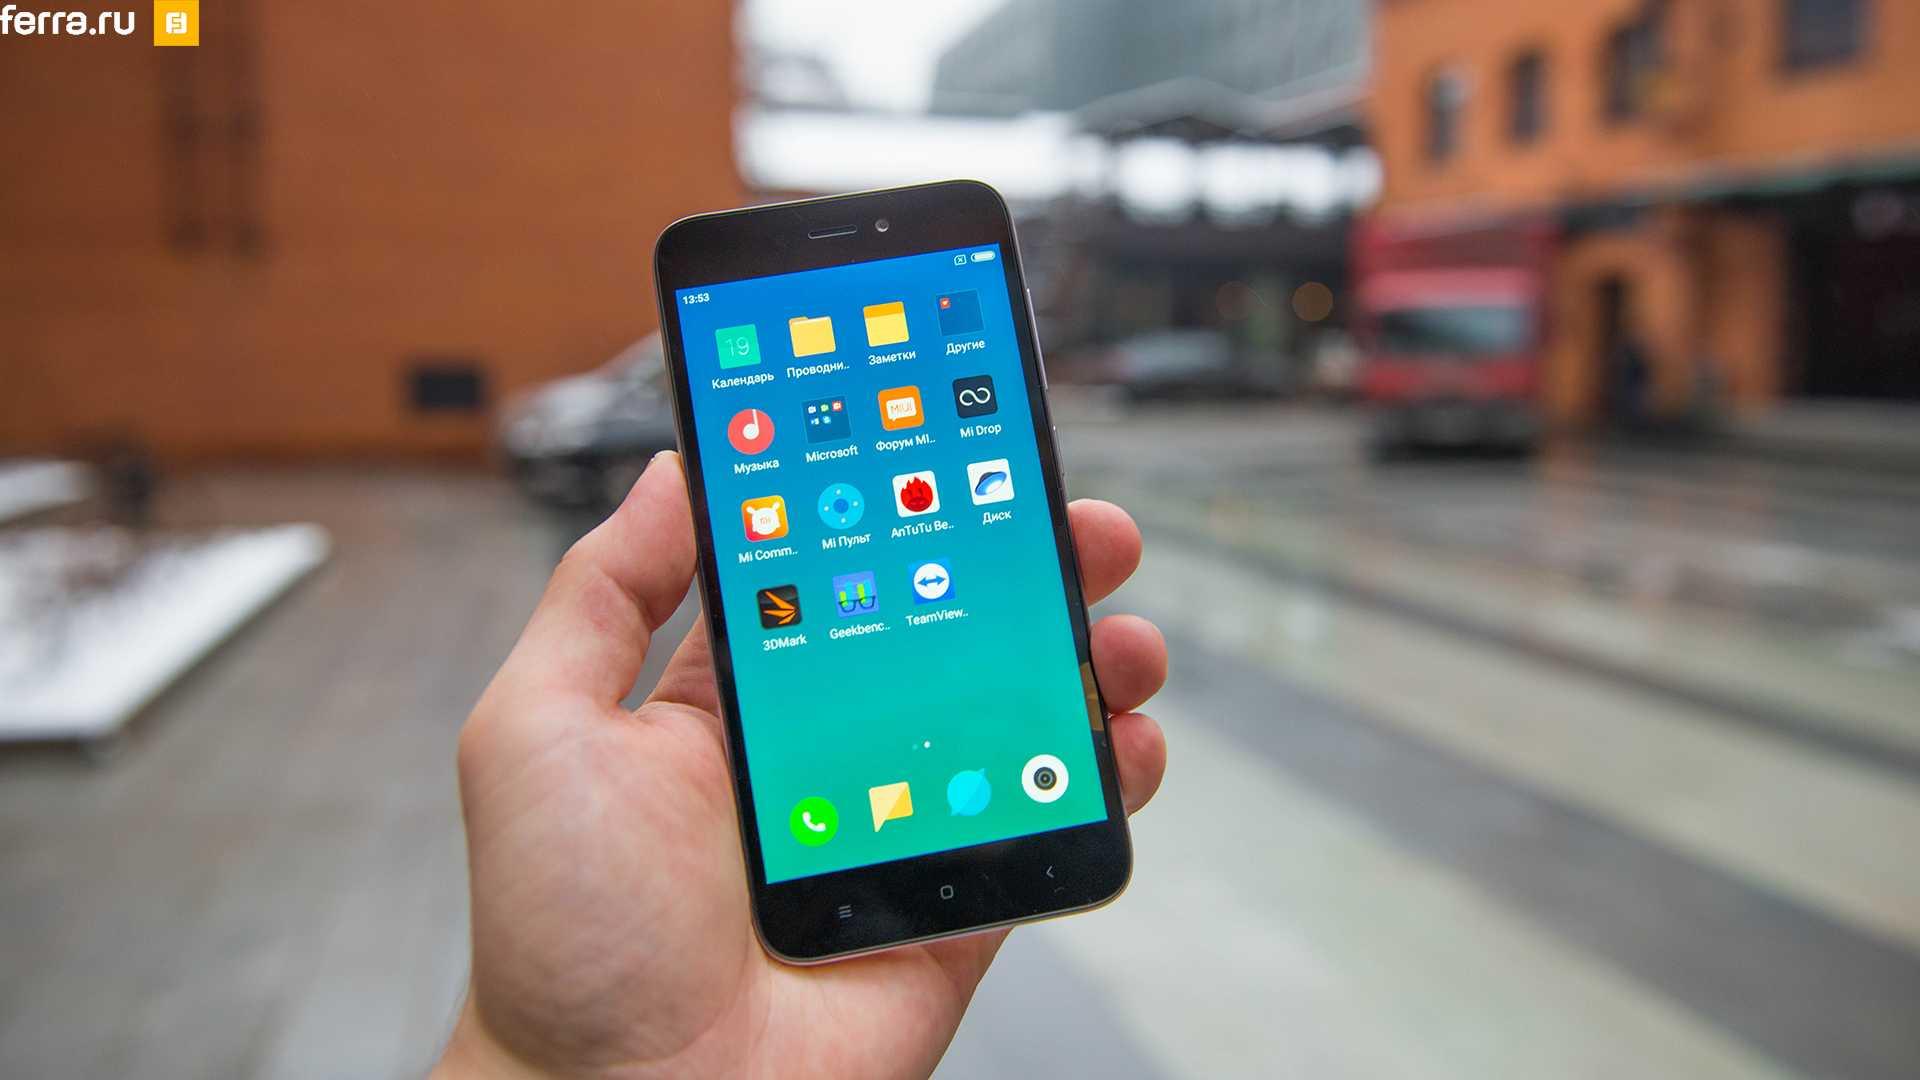 Заклятый конкурент xiaomi привез в россию два любопытных смартфона. цена, видео